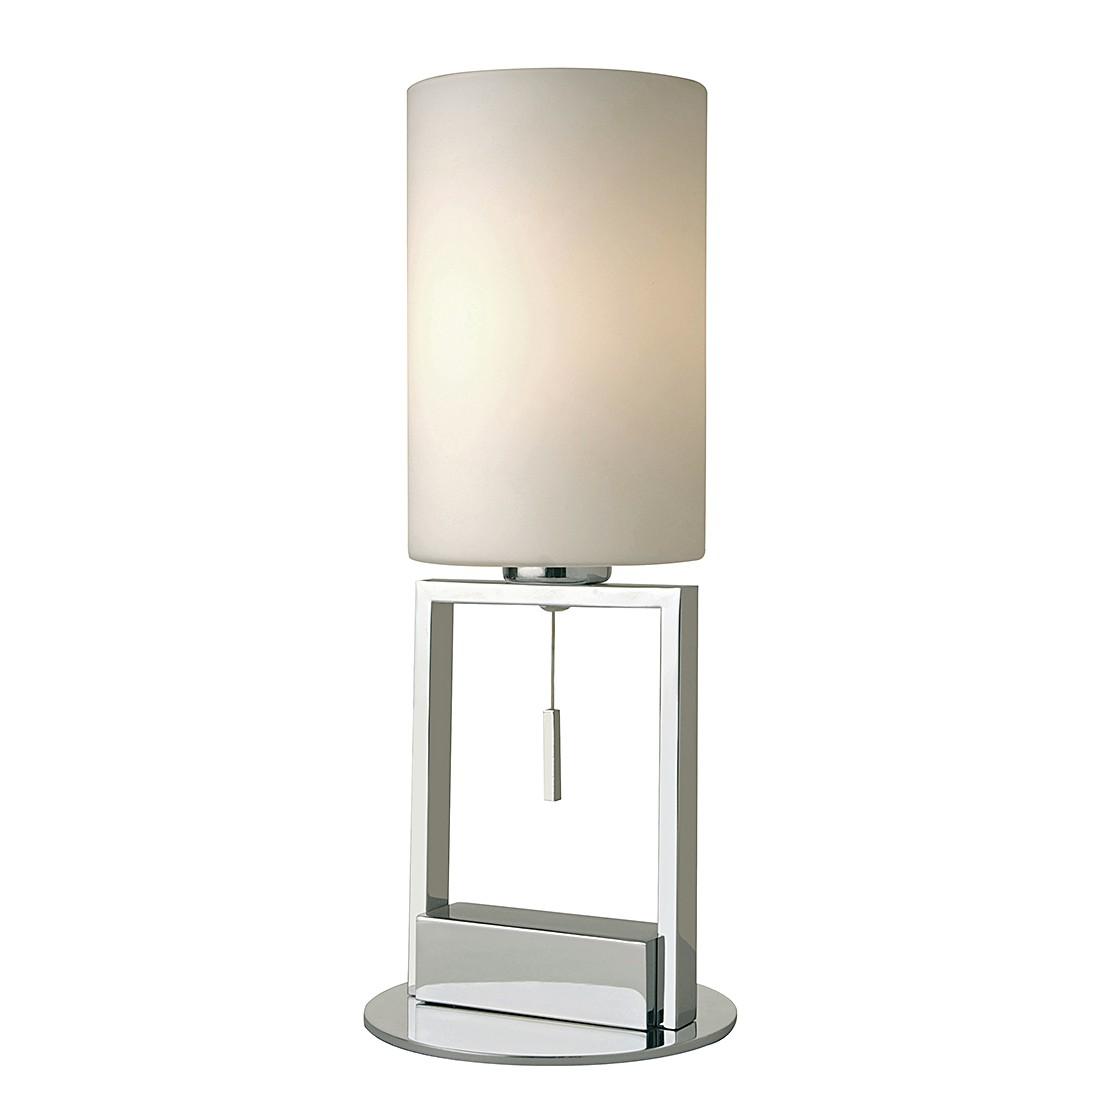 EEK A++, Lampe de table Fine - Argenté / Blanc - 1 ampoule, Sompex